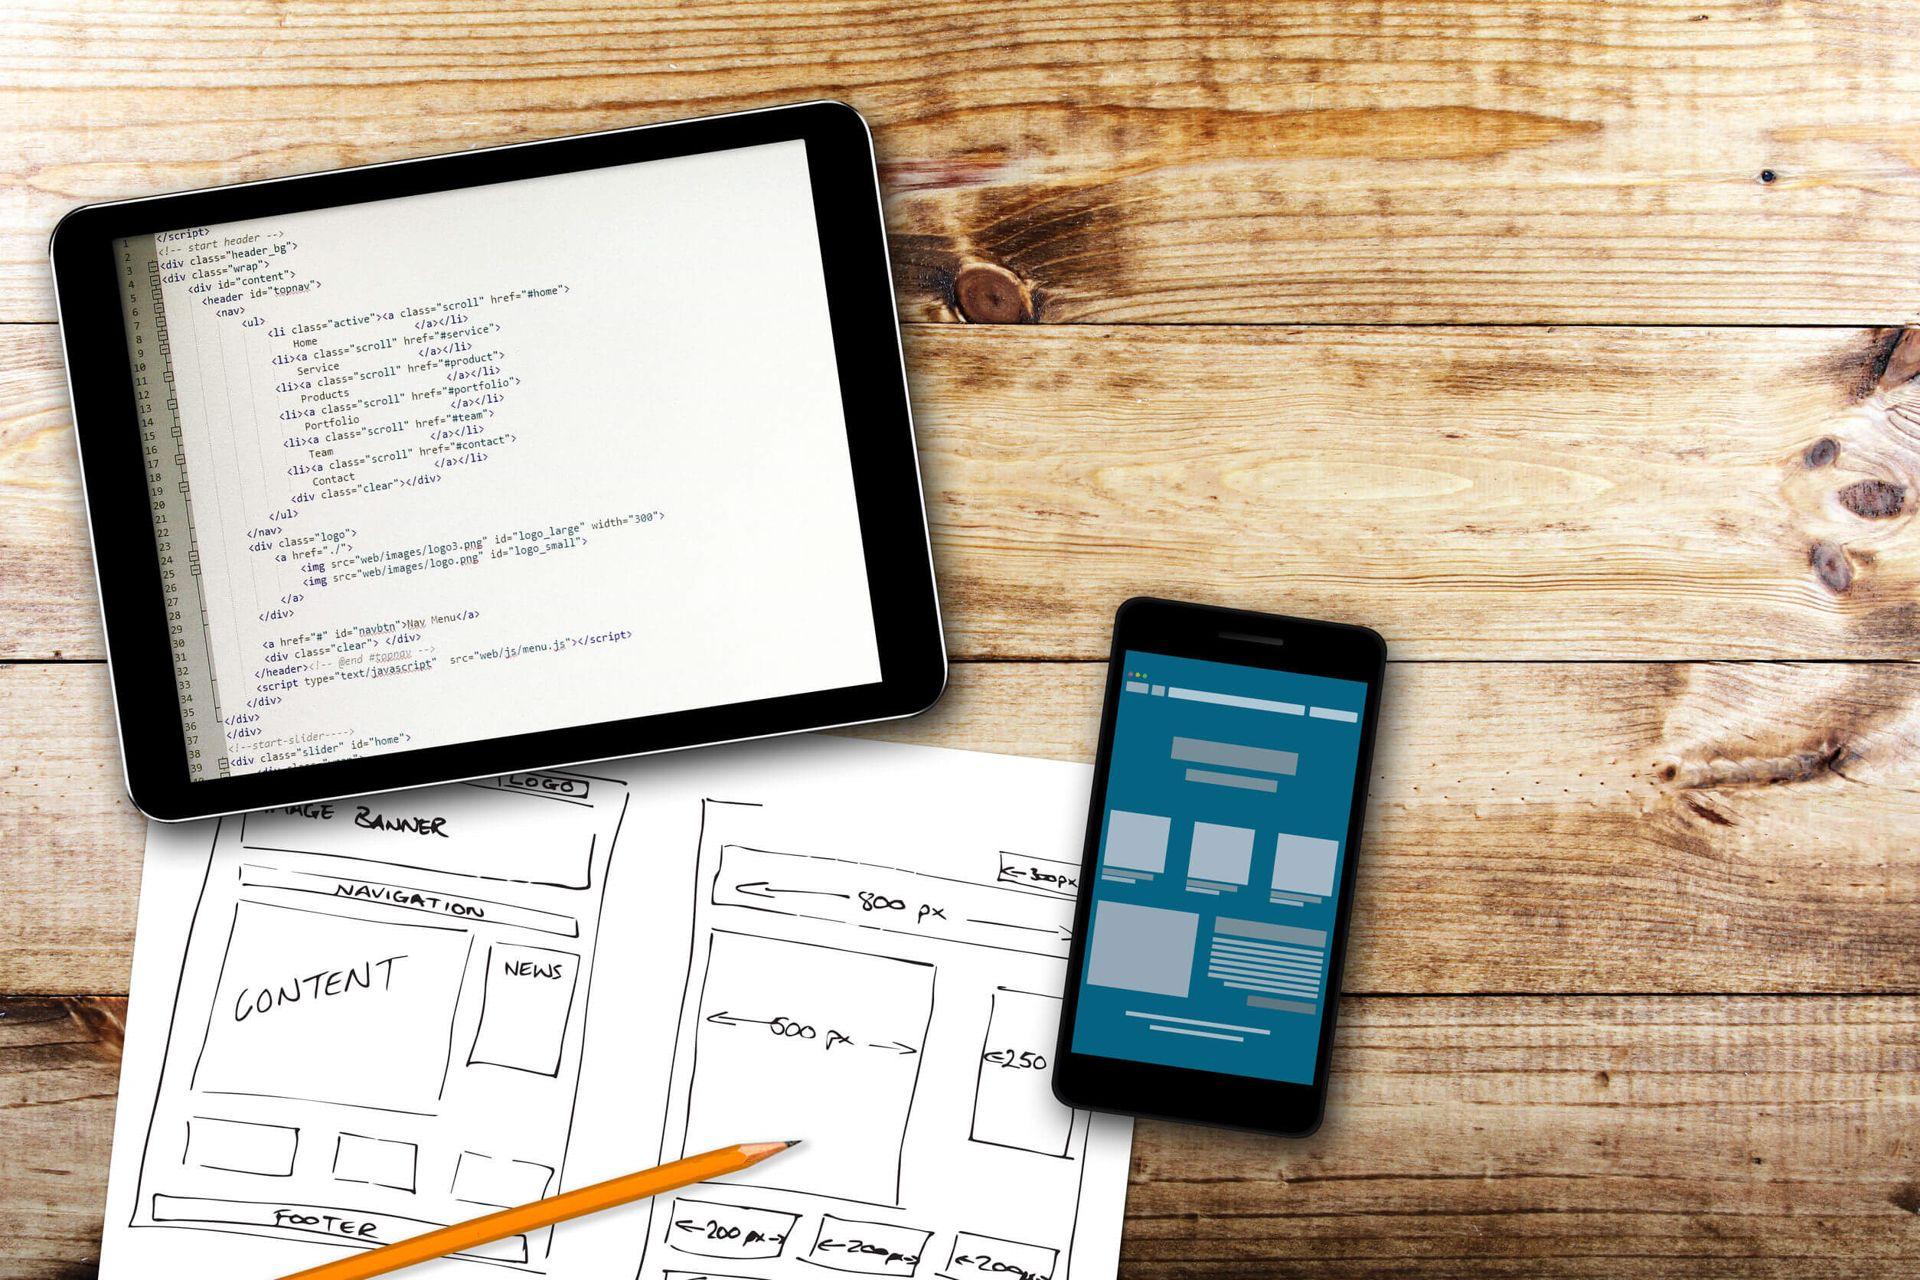 Diseño web responsive es Cornellà de Llobregat